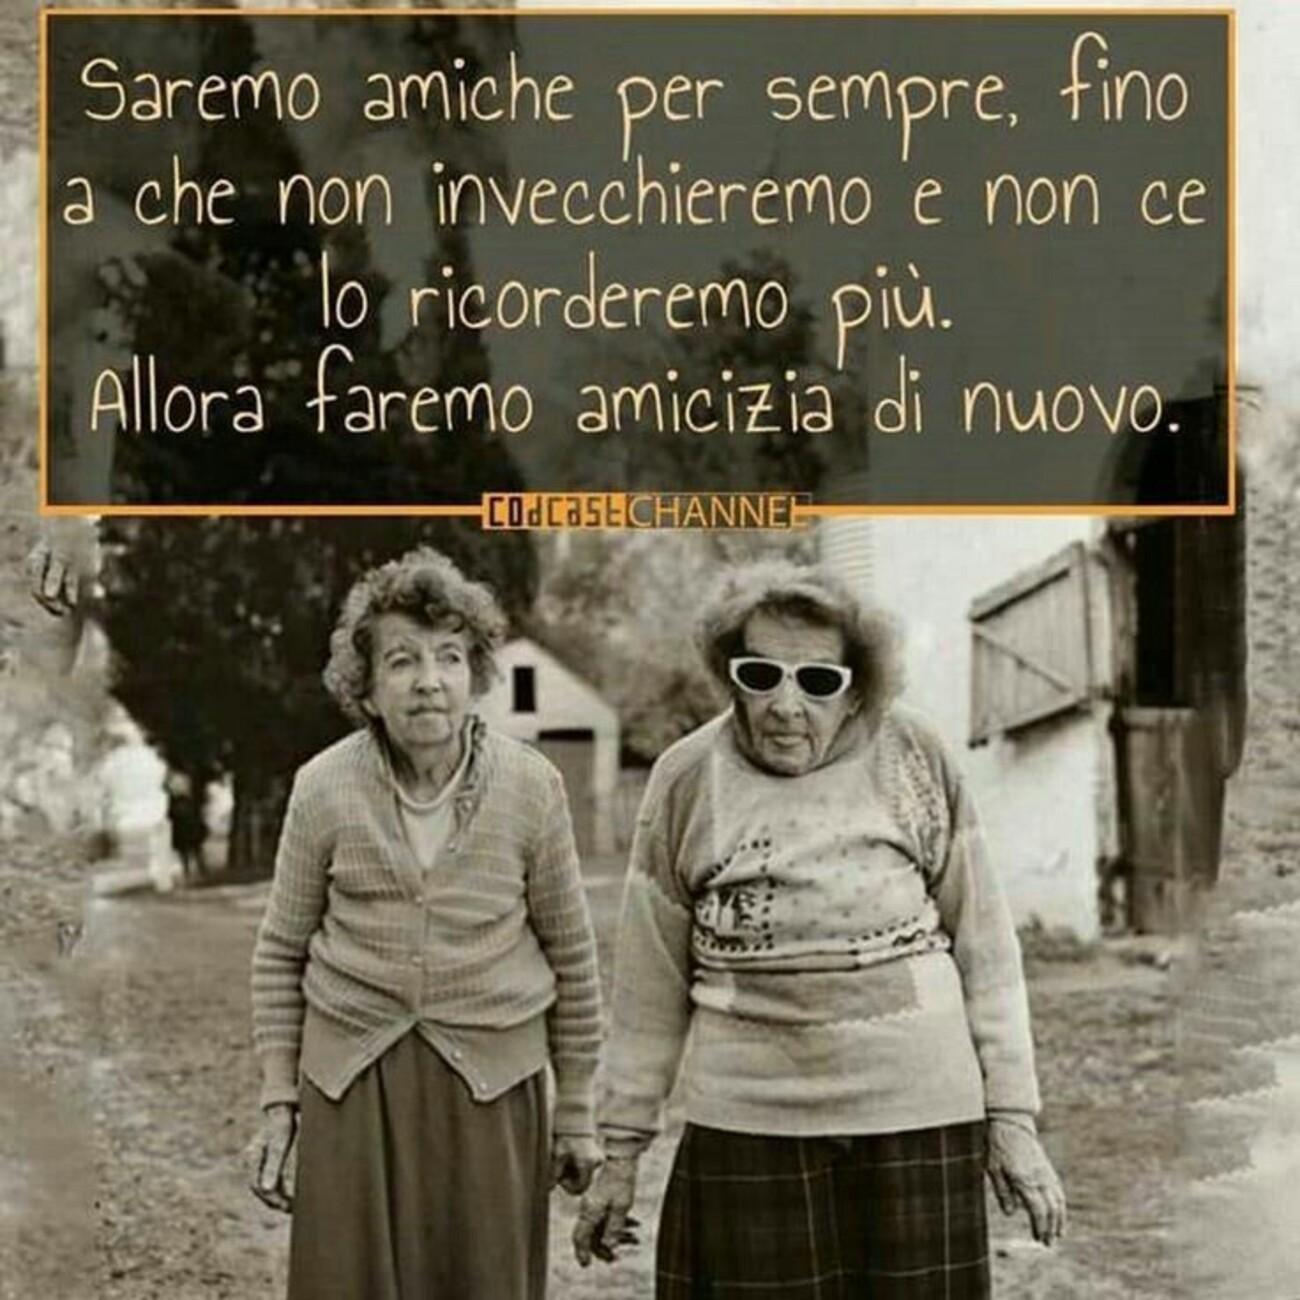 Saremo amiche per sempre, fino a che non invecchieremo e non ce ne ricorderemo più. Allora faremo amicizia di nuovo.